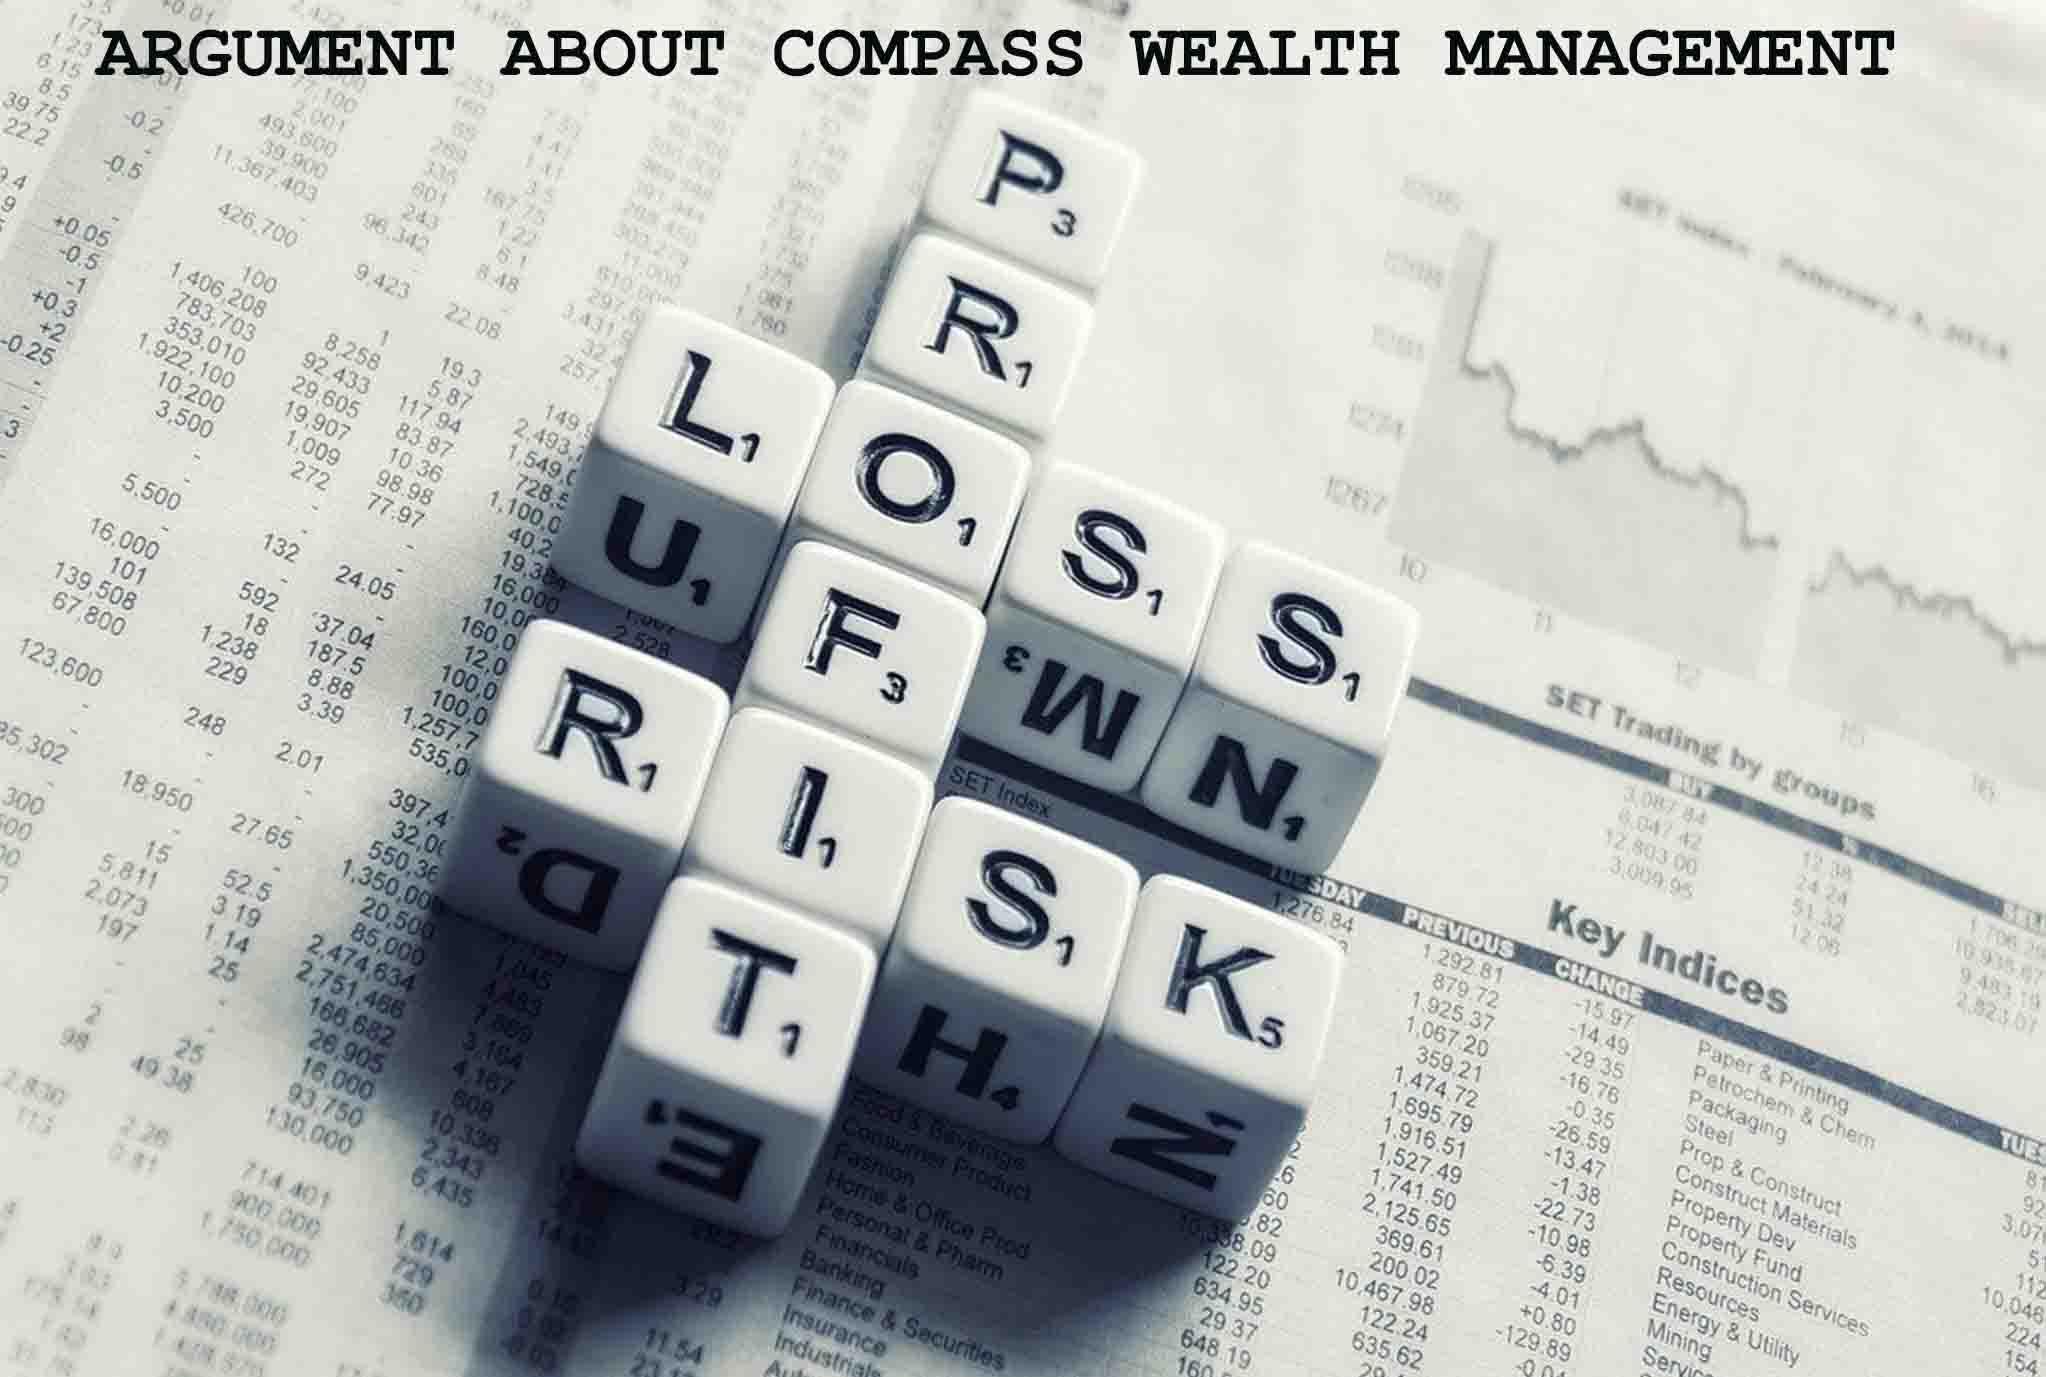 Compass Wealth Management Arguments